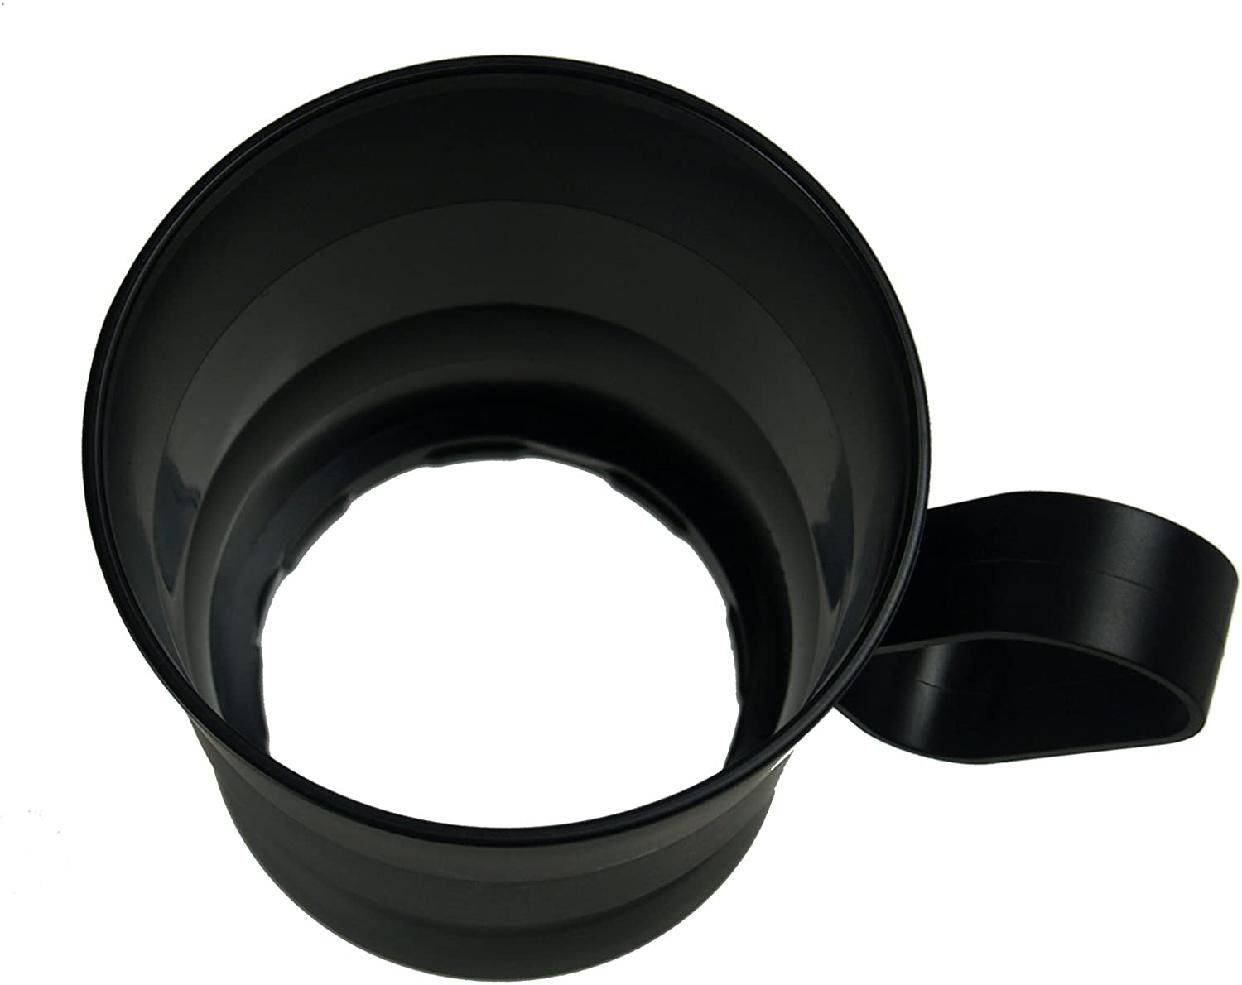 STRIX DESIGN(ストリックスデザイン)カップホルダー DR-453の商品画像4